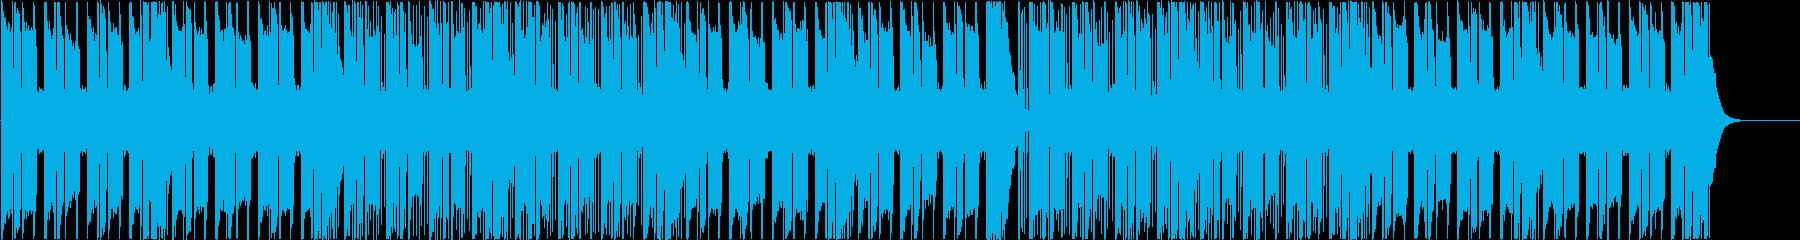 90年代アメリカンボーイズグループ風の再生済みの波形